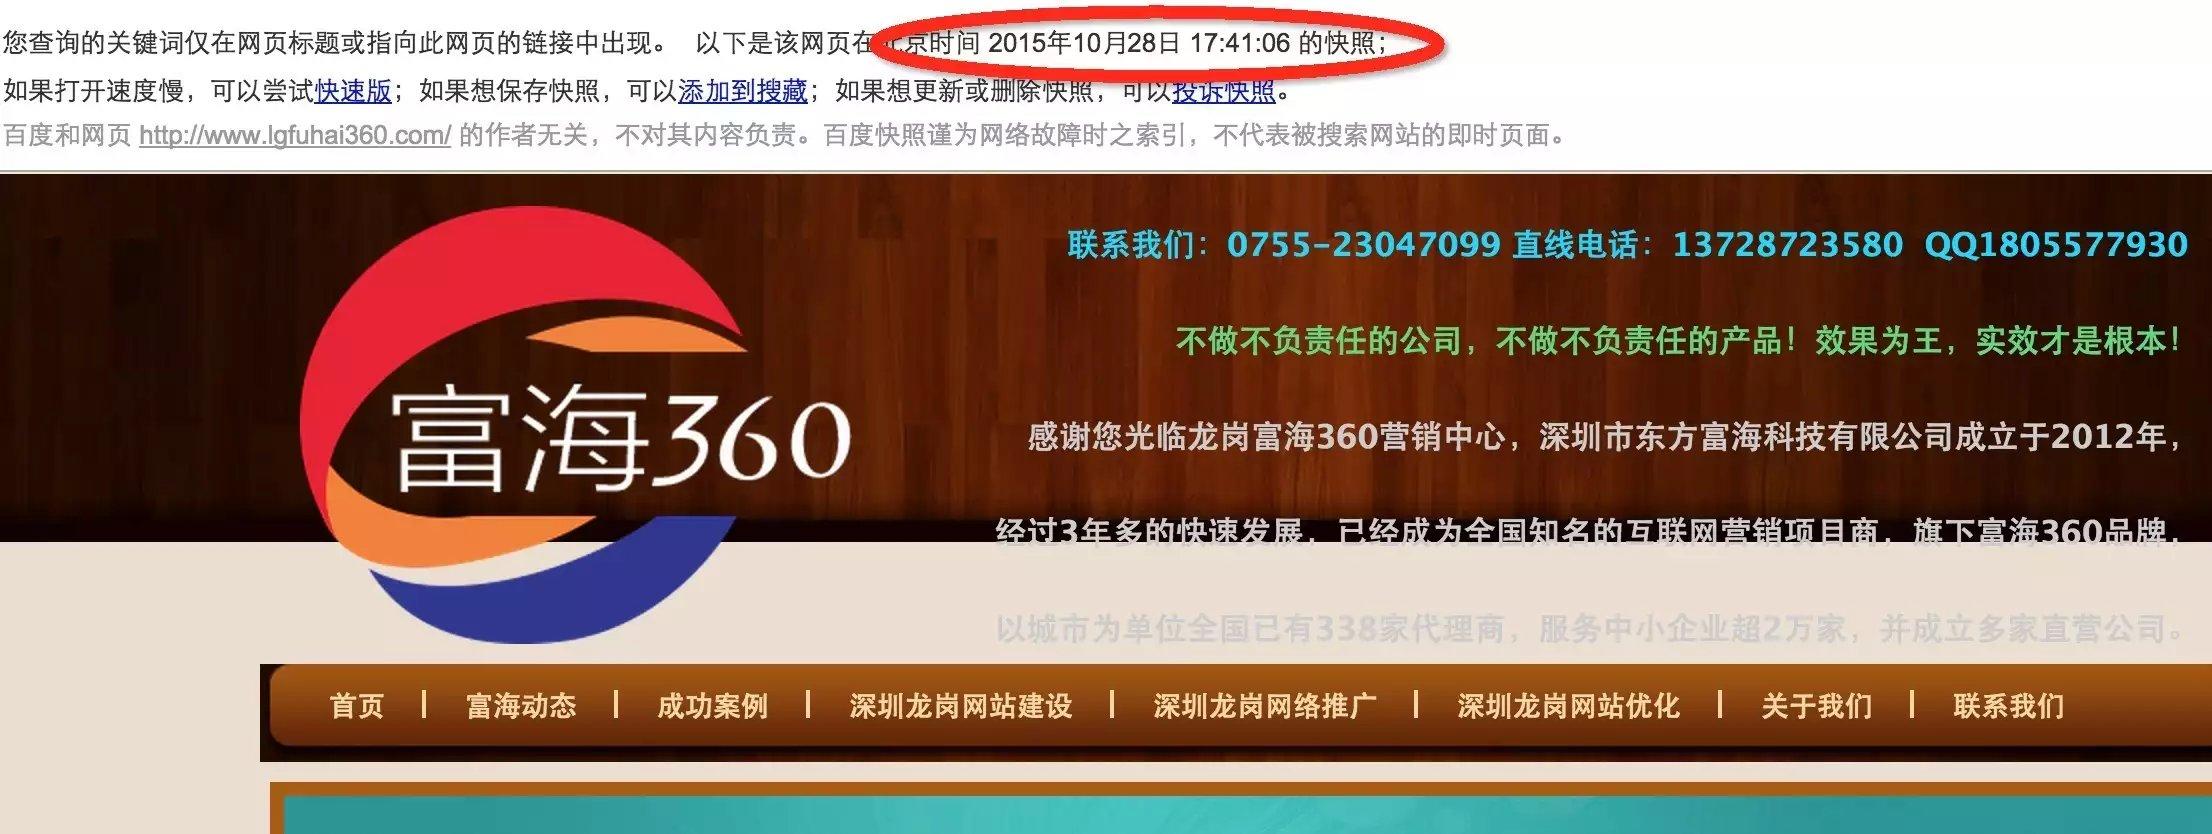 深圳宝安网站优化-富海360龙岗营销中心